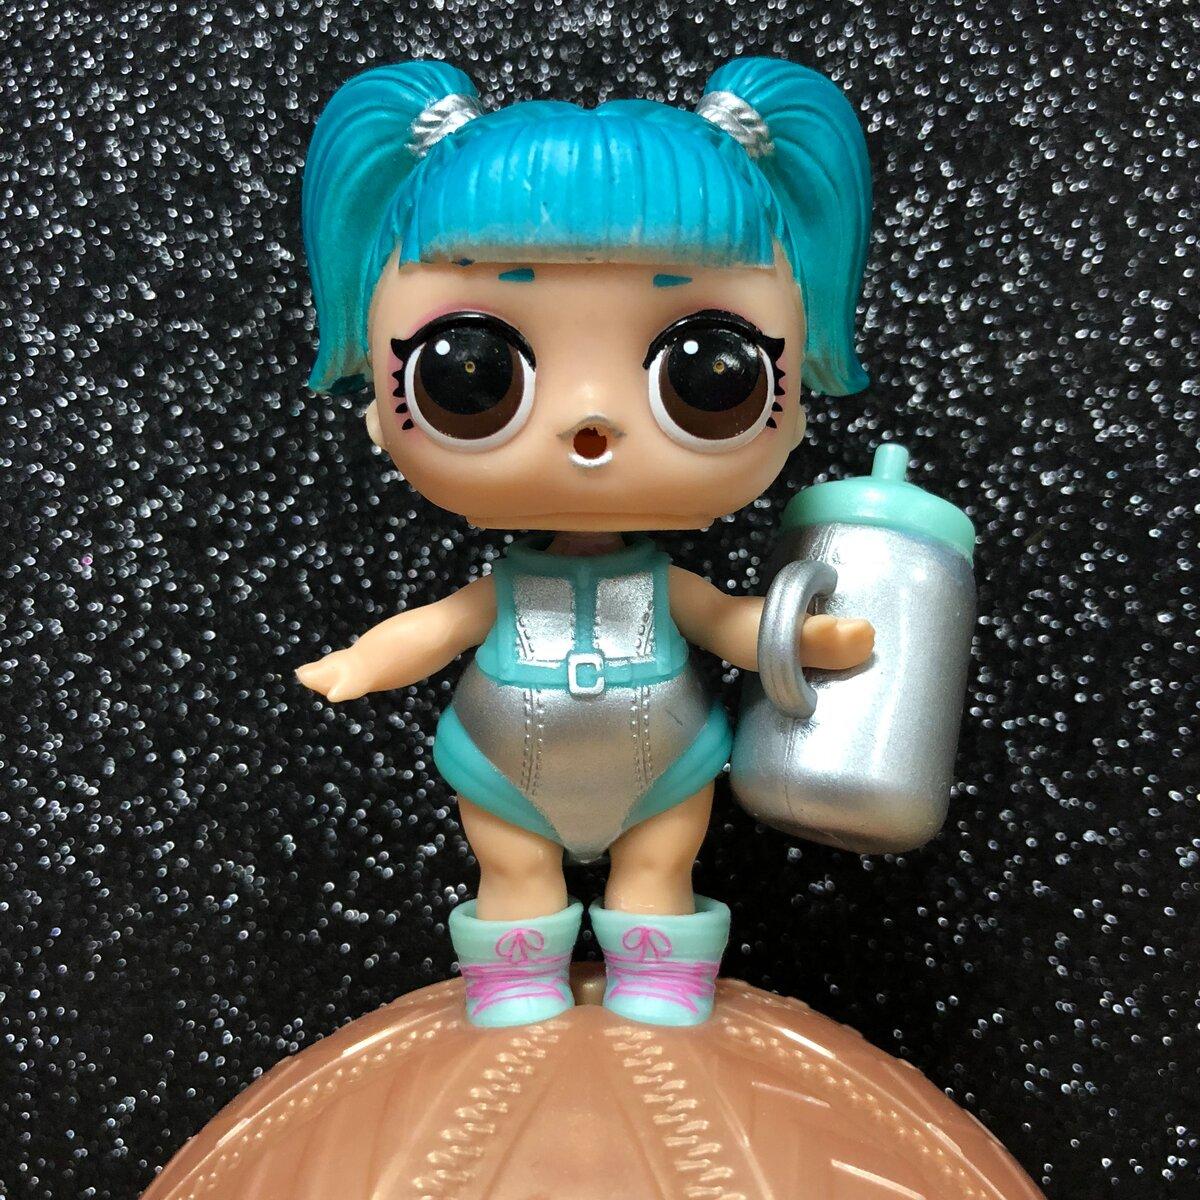 приветствие картинки самых популярных кукол лол строительством